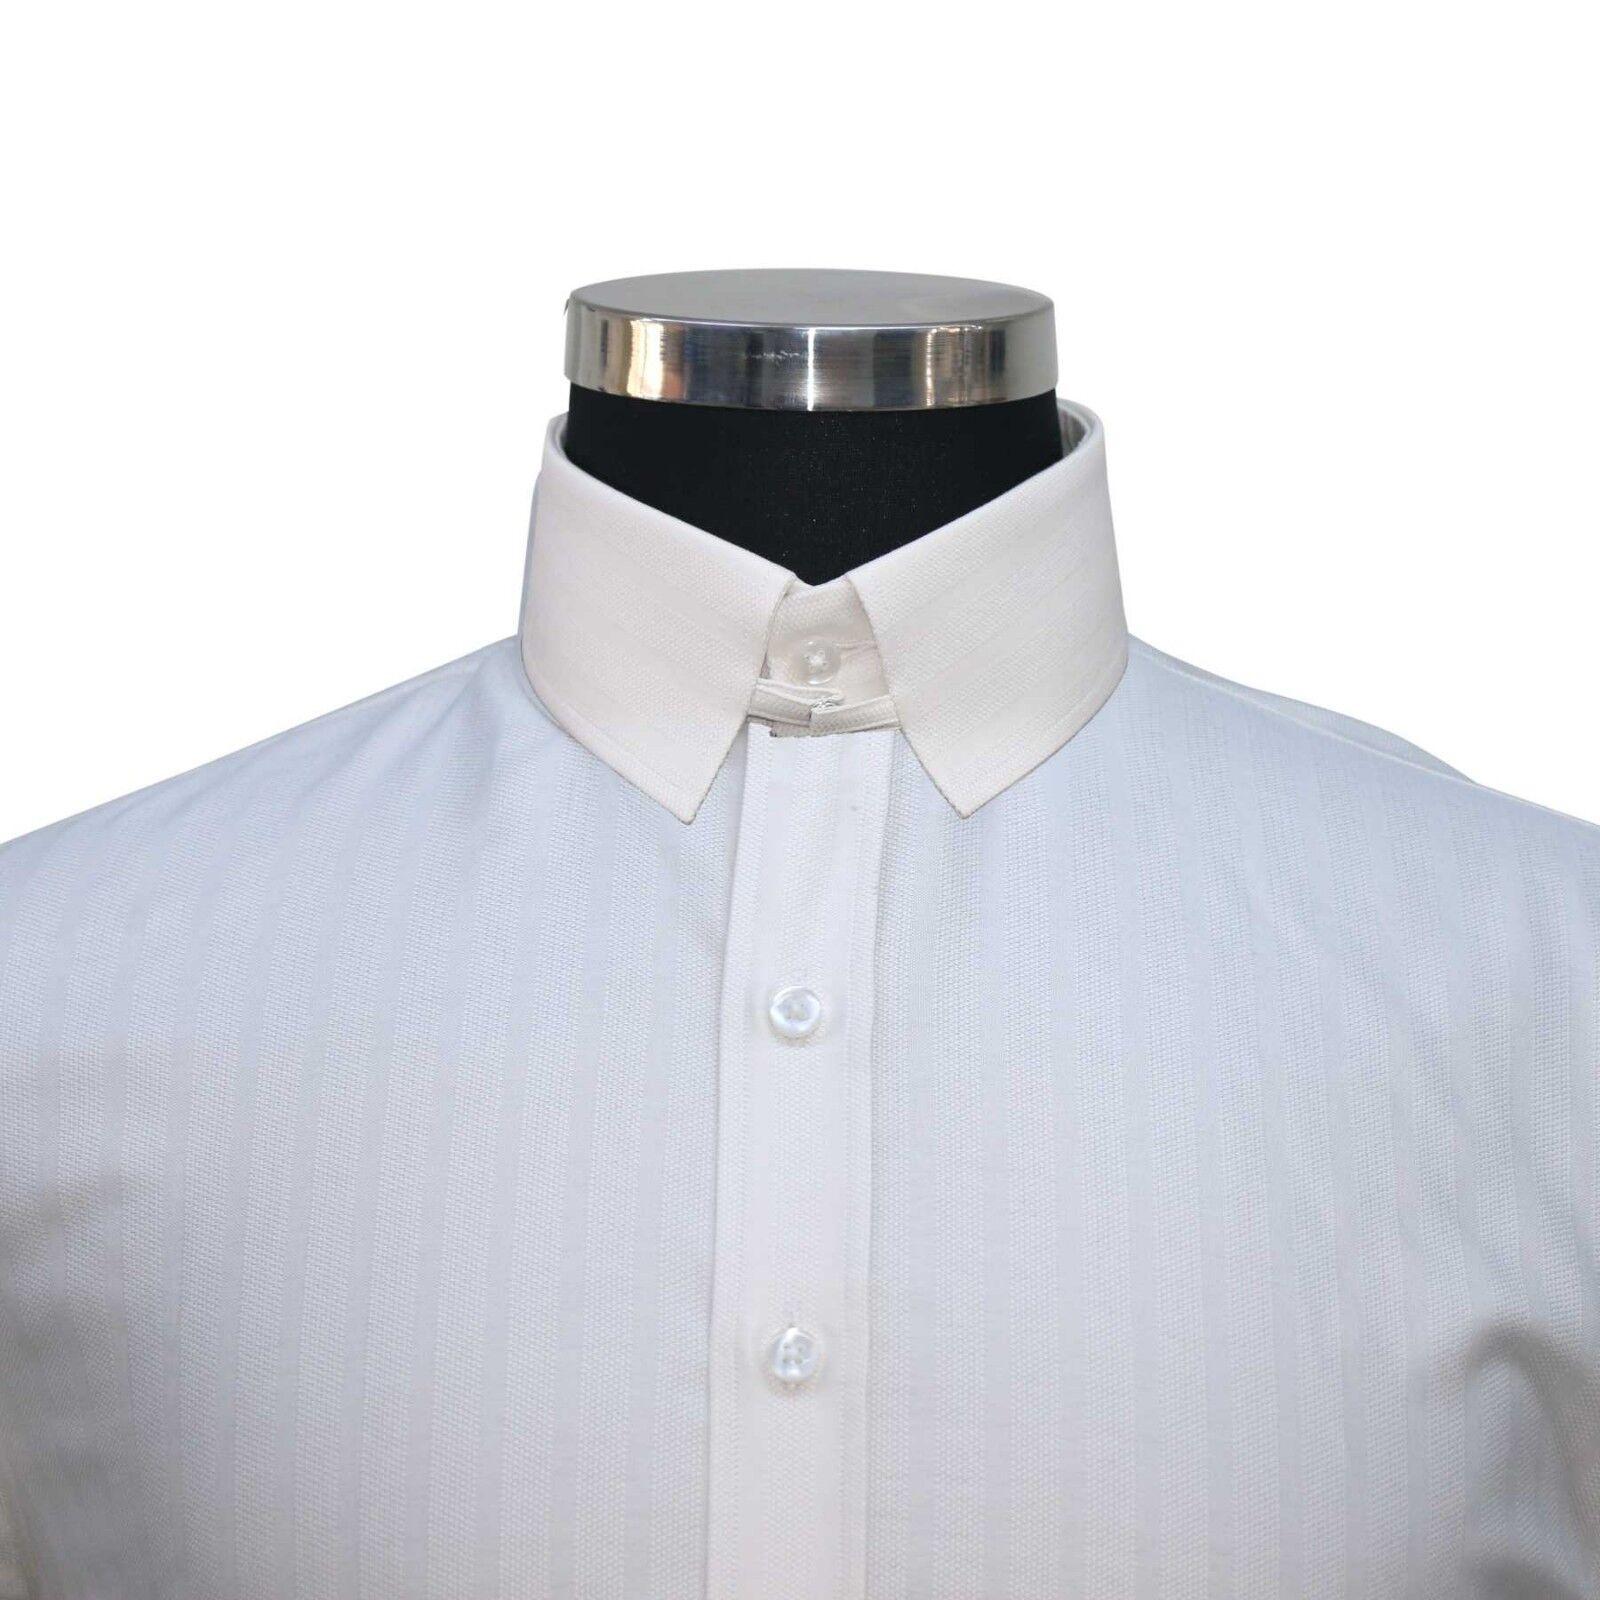 Herren Anello Colletto Camicia di Cotone Bianco Sporco a Righe James Bond Collare